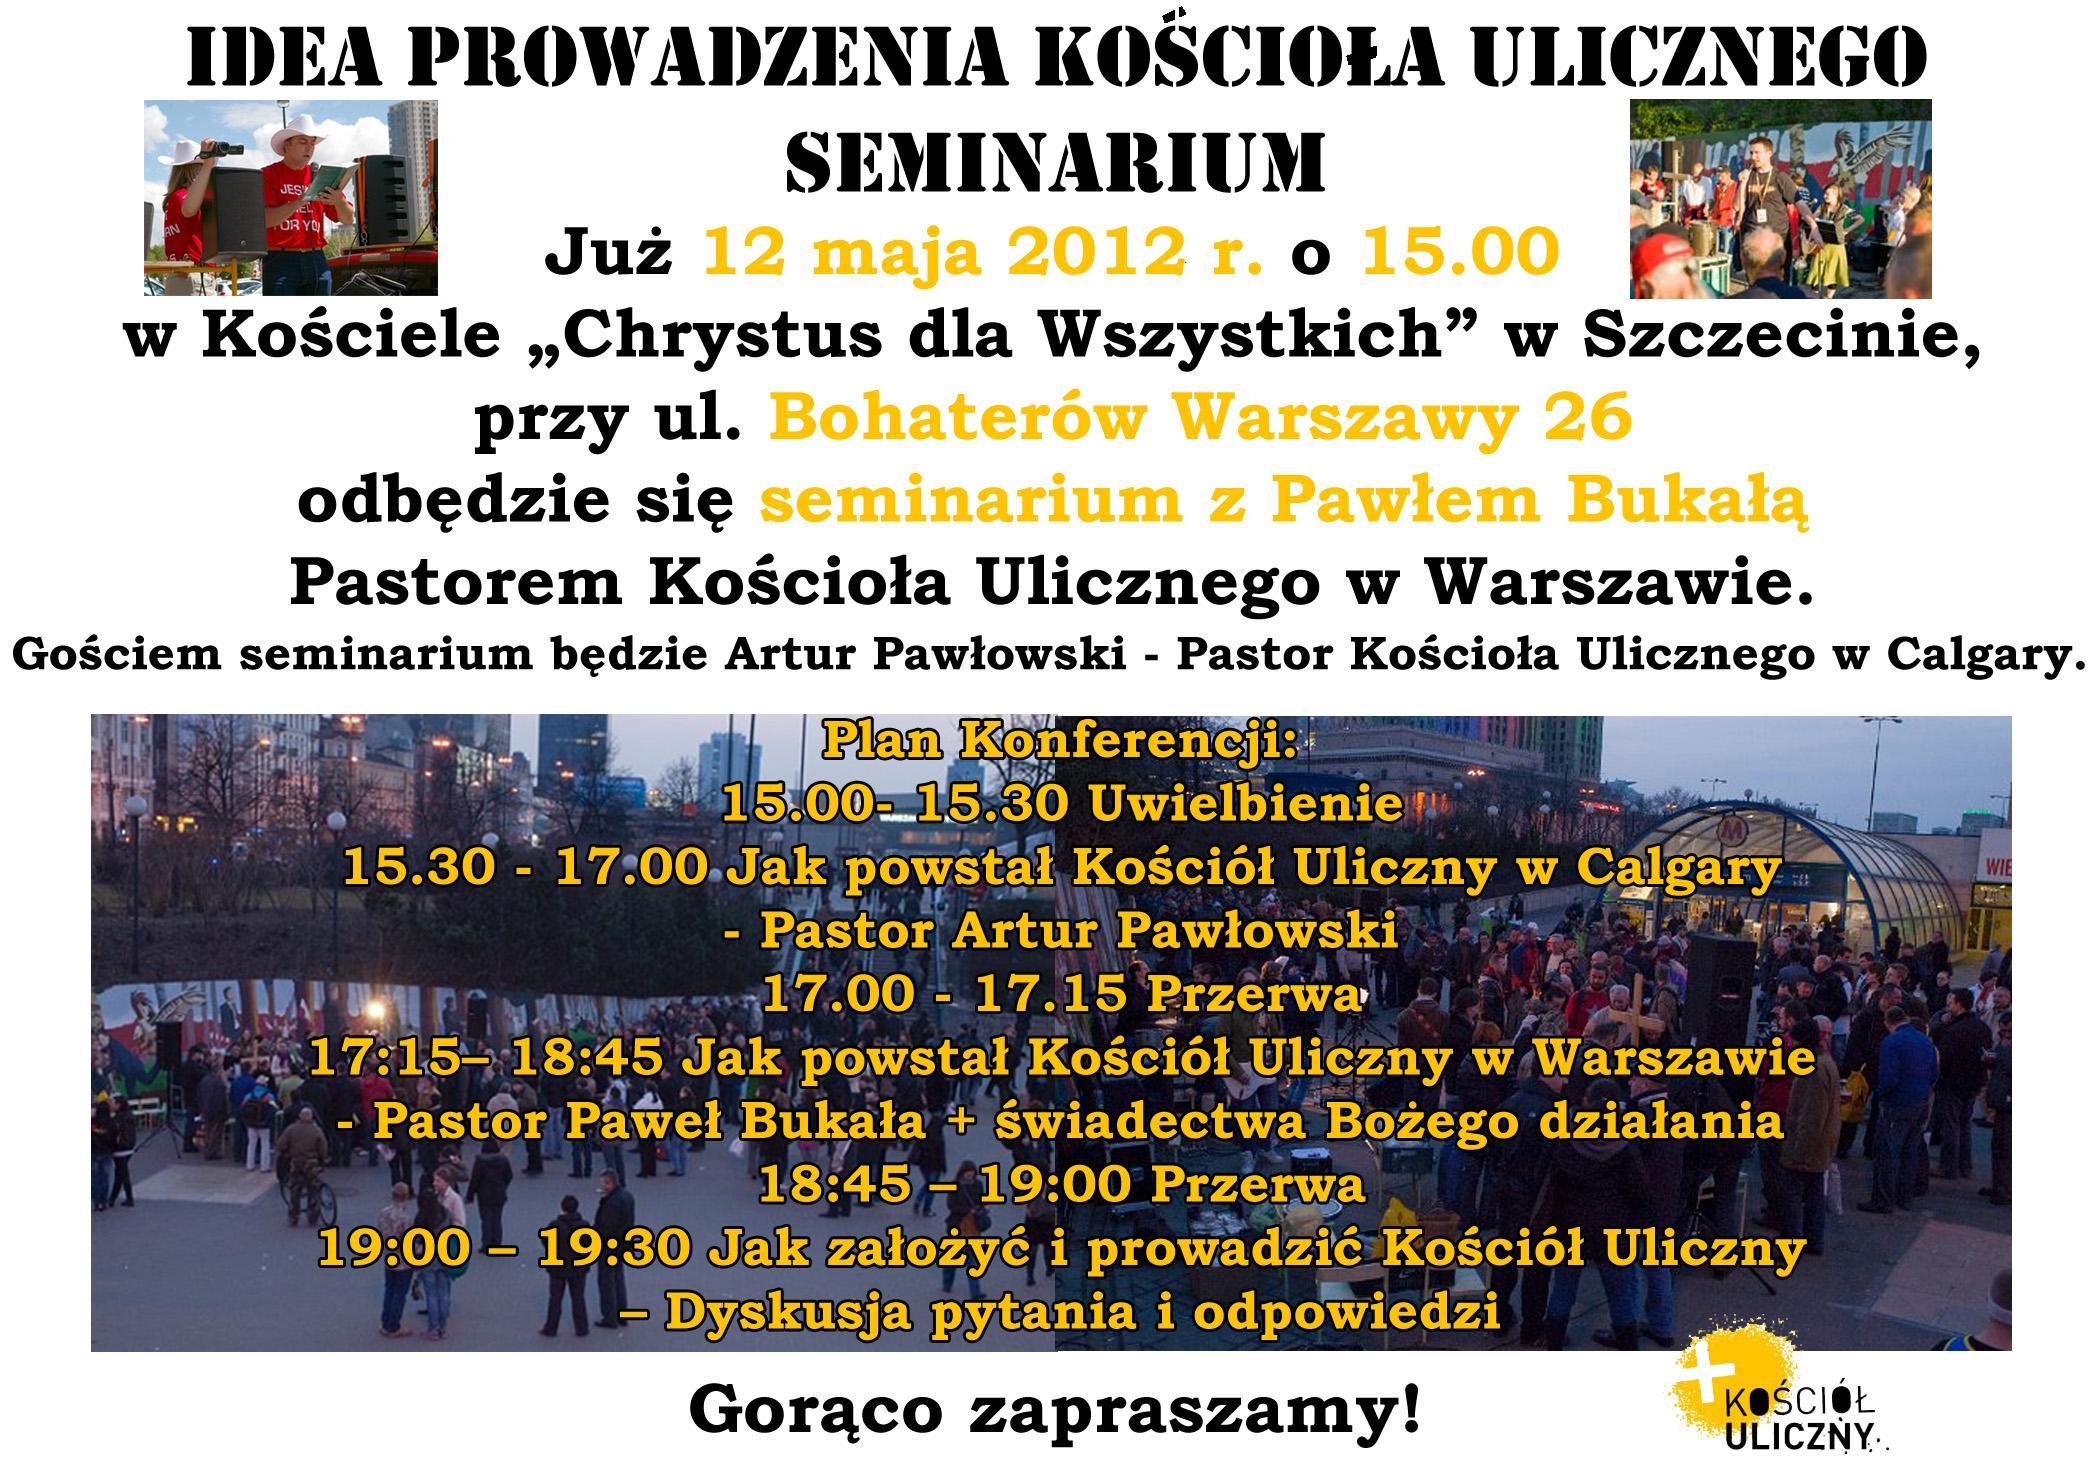 seminarium Koscio Uliczny